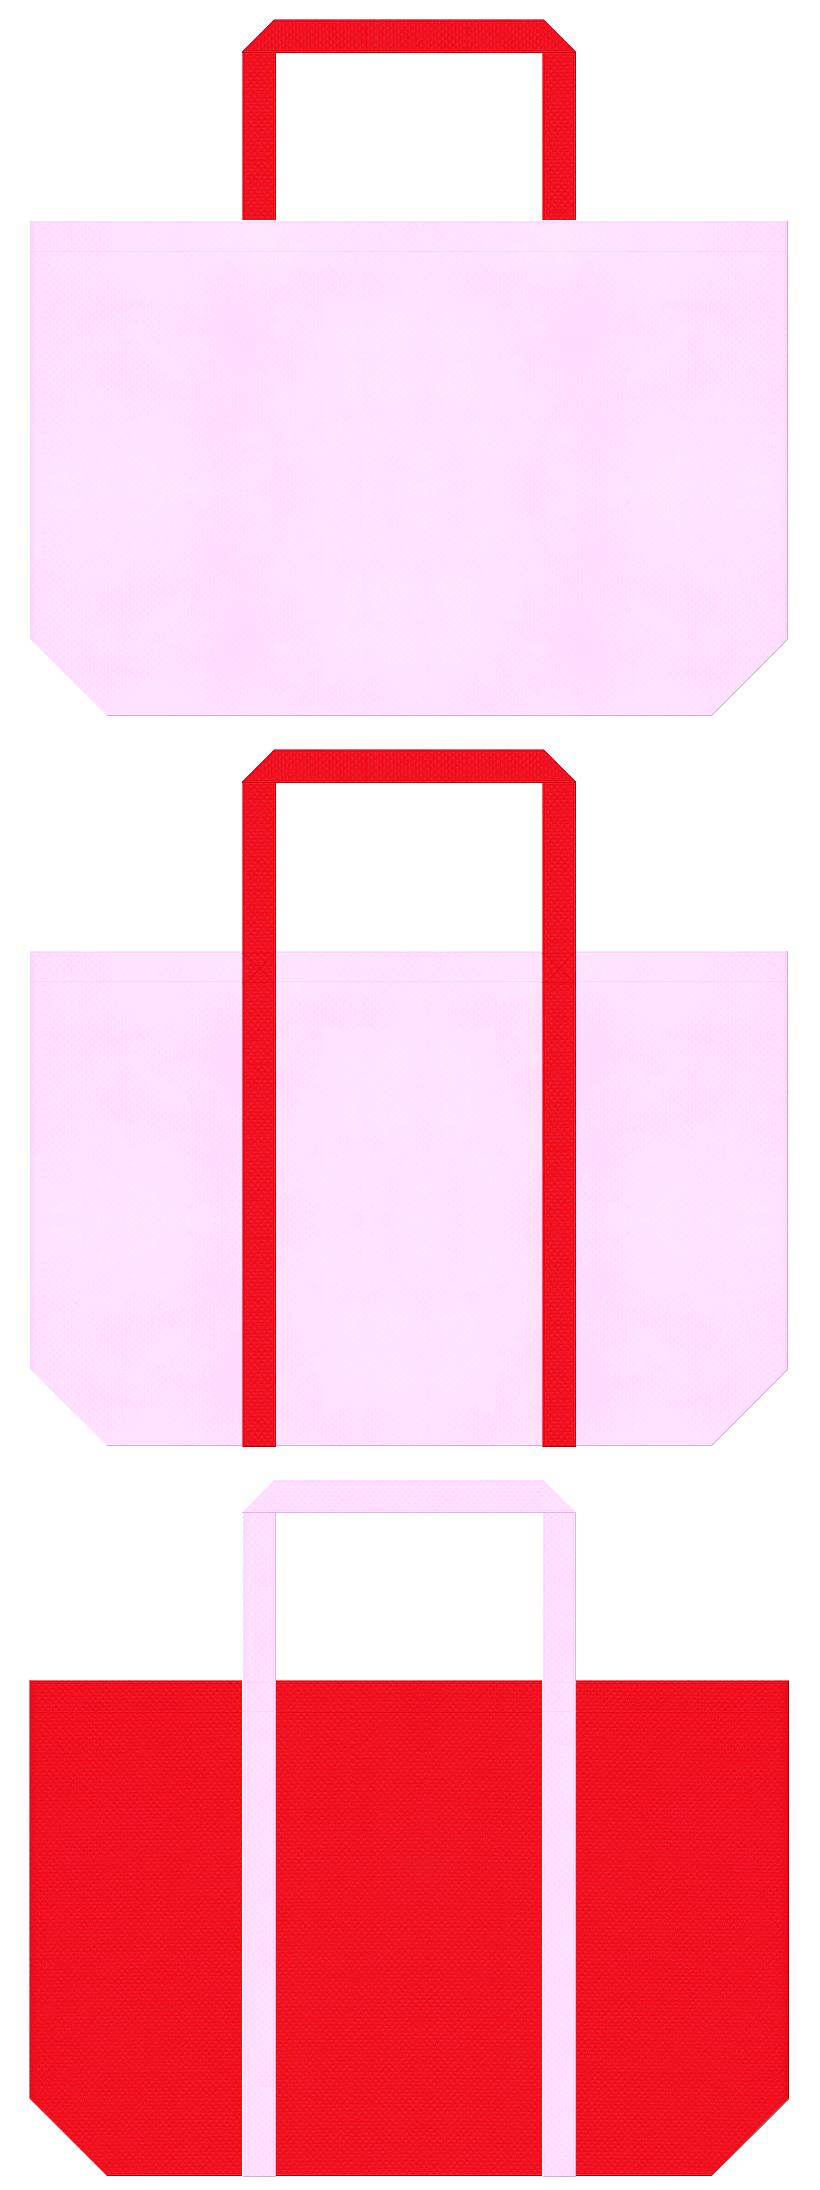 いちご大福・バレンタイン・ひな祭り・カーネーション・母の日・お正月・和風催事にお奨めの不織布バッグデザイン:パステルピンク色と赤色のコーデ